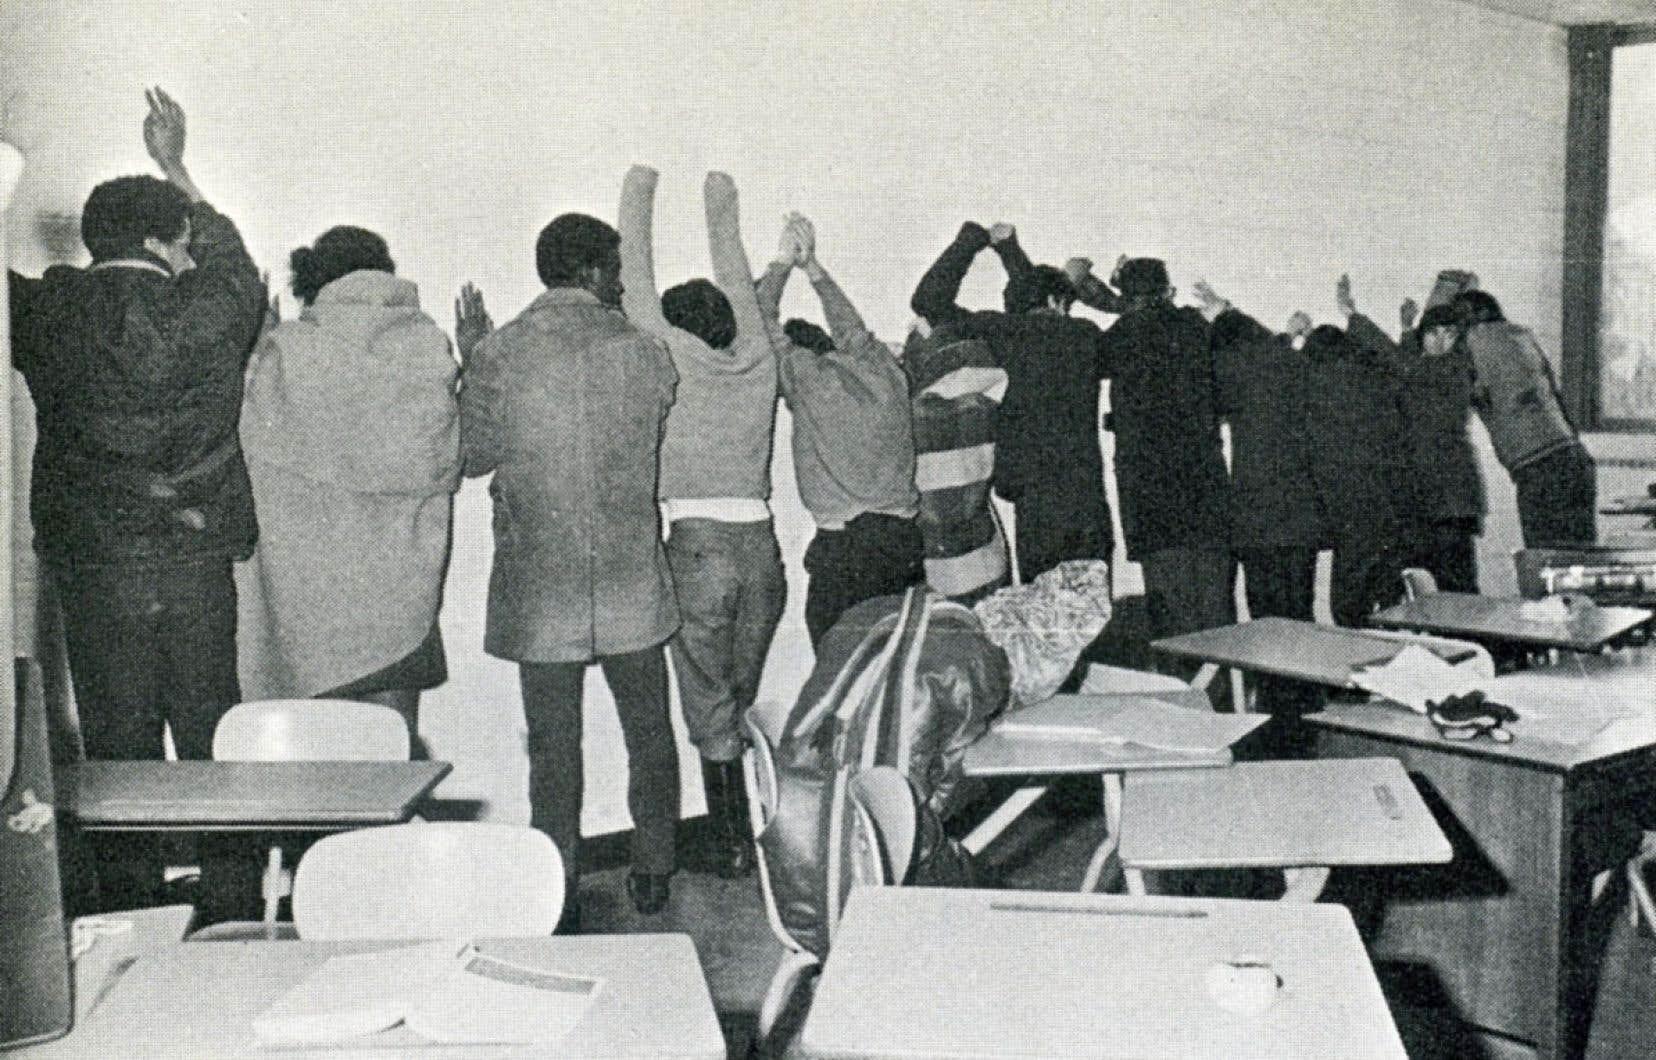 La répression policière musclée de l'occupation pacifique du pavillon Henry F. Hall de l'Université Sir George Williams, en février 1969, est racontée dans le documentaire «Ninth Floor», de Mina Shum.